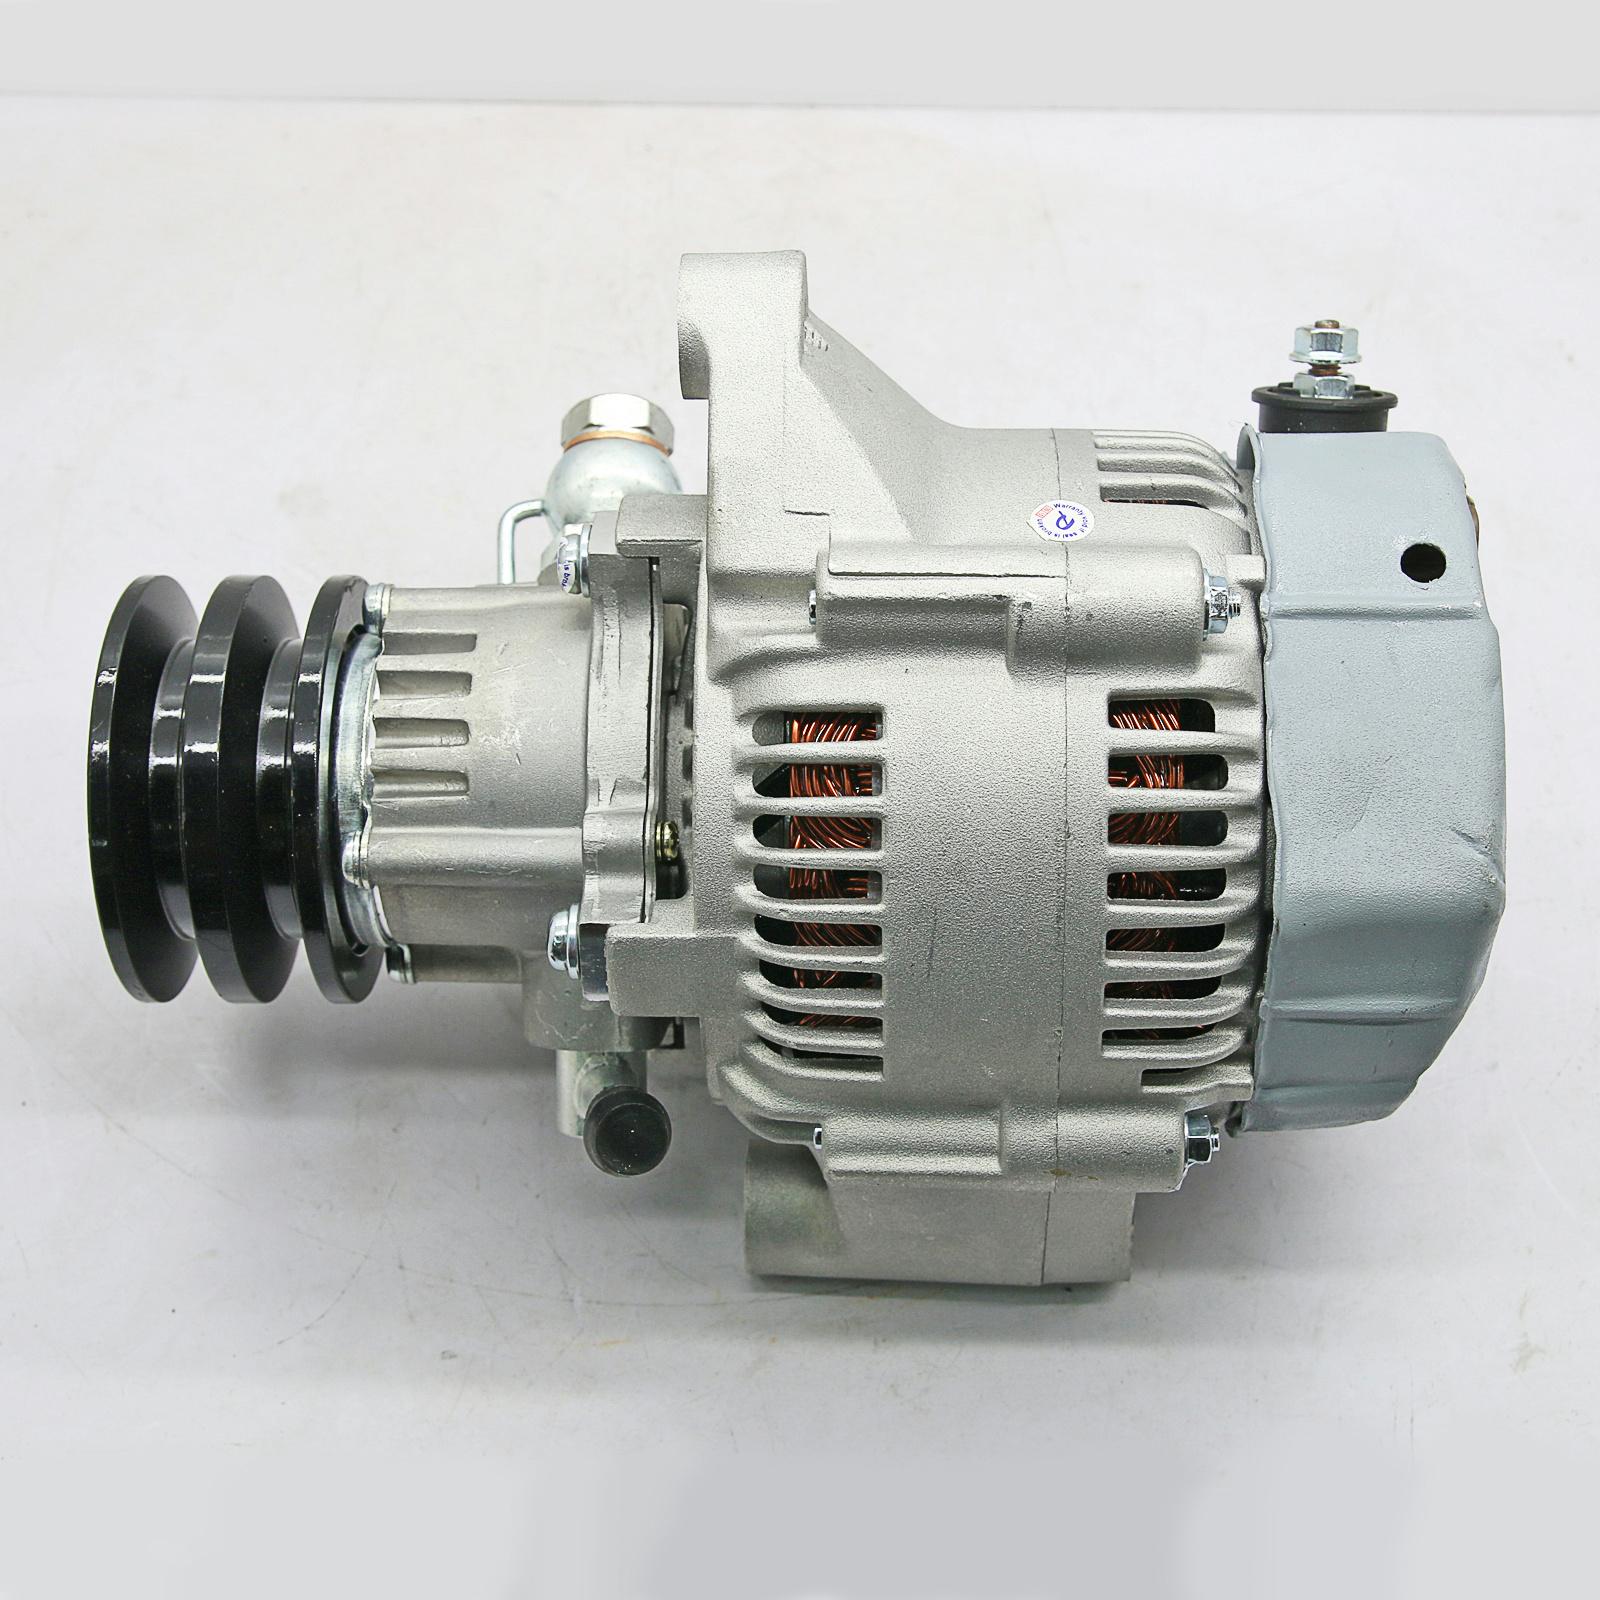 70a Alternator Fit Toyota Hilux Ln86 Ln107 147 167 172